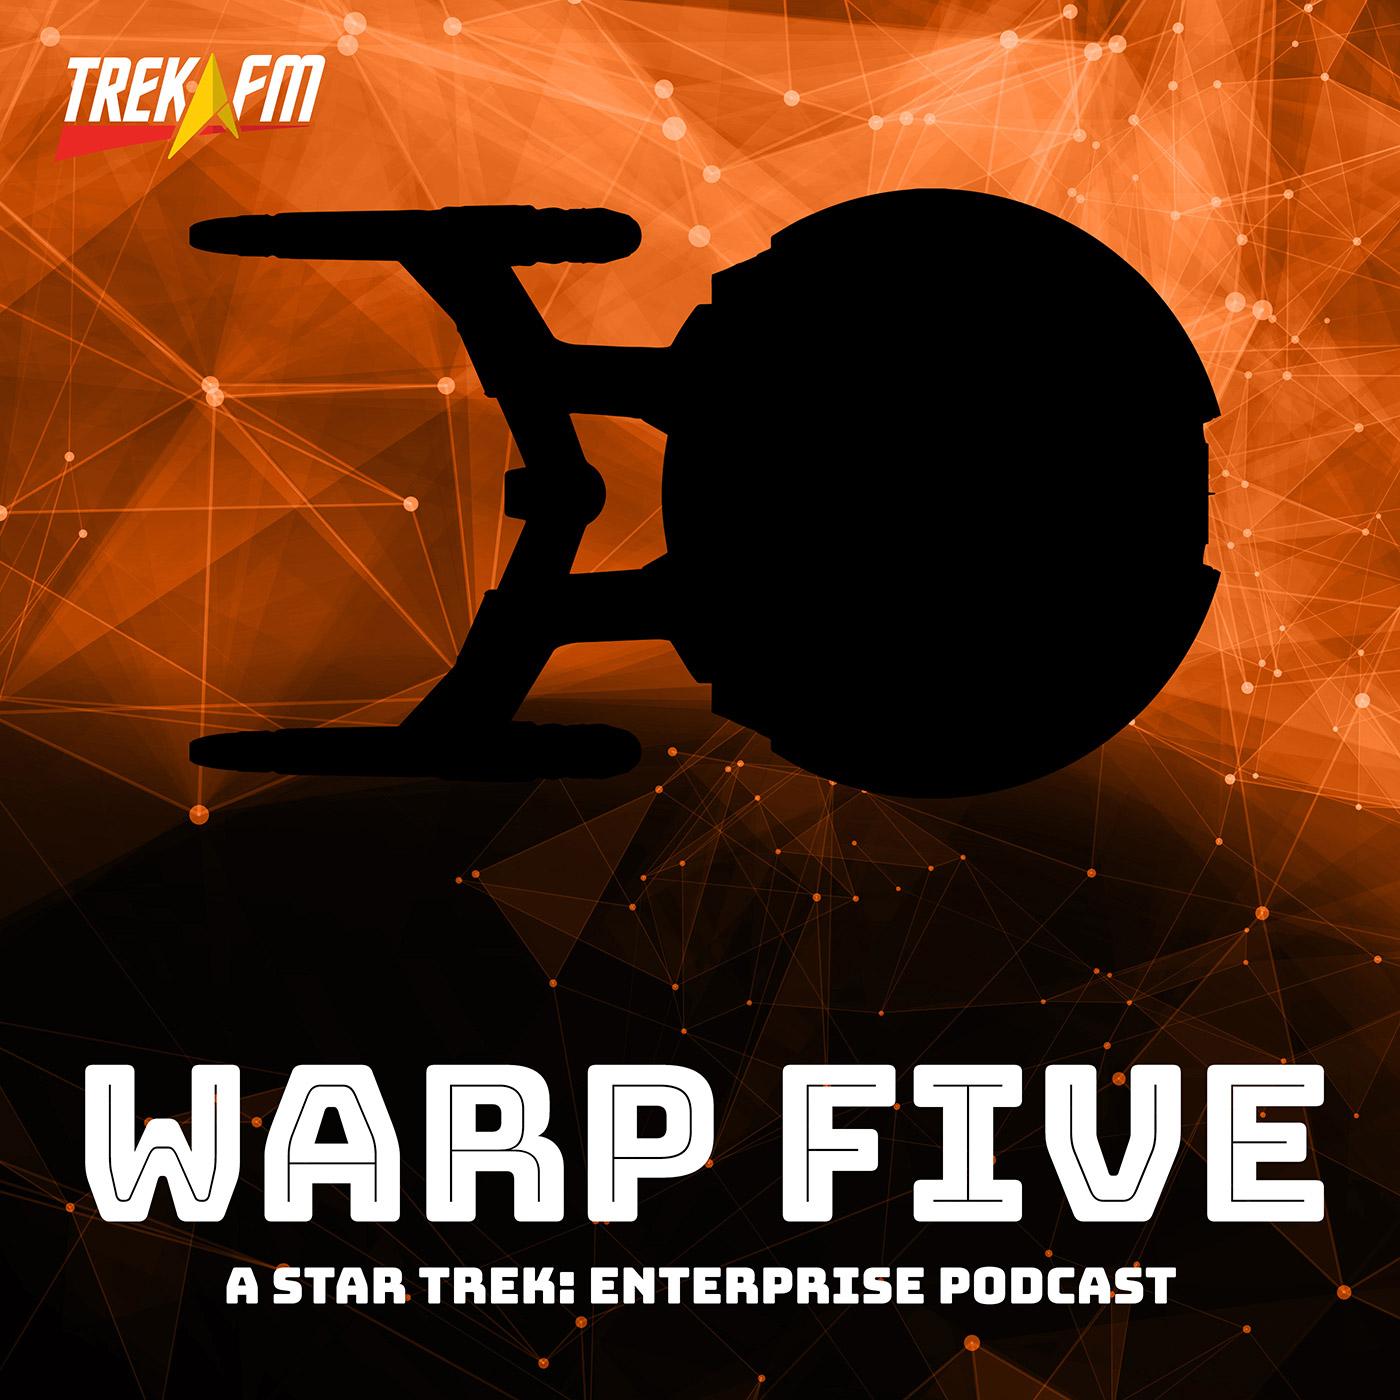 Warp Five: A Star Trek Enterprise Podcast show art